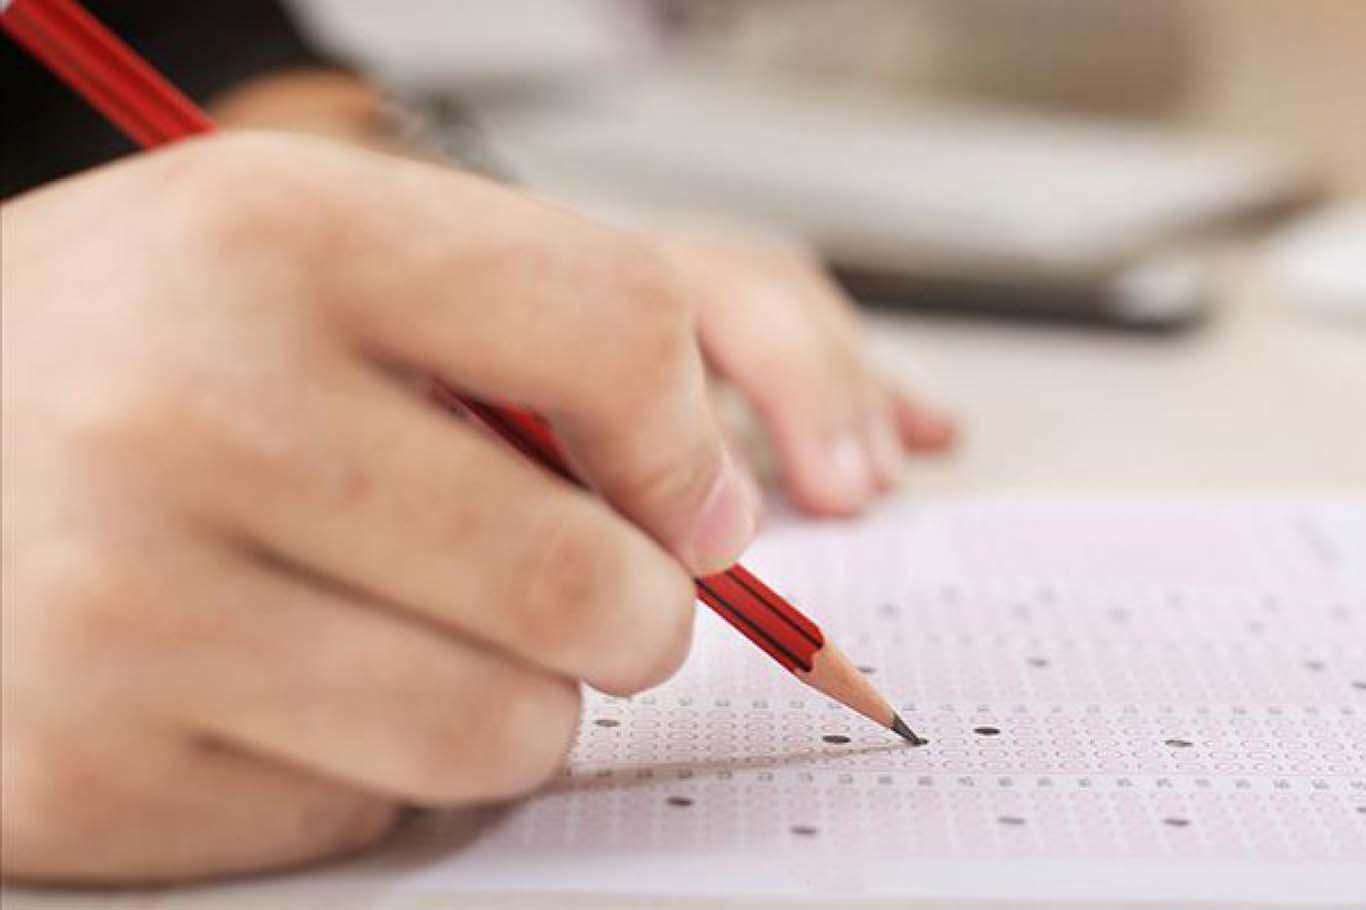 İlk ve Ortaöğretim Bursluluk Sınavı Başvuru Tarihleri Belli Oldu